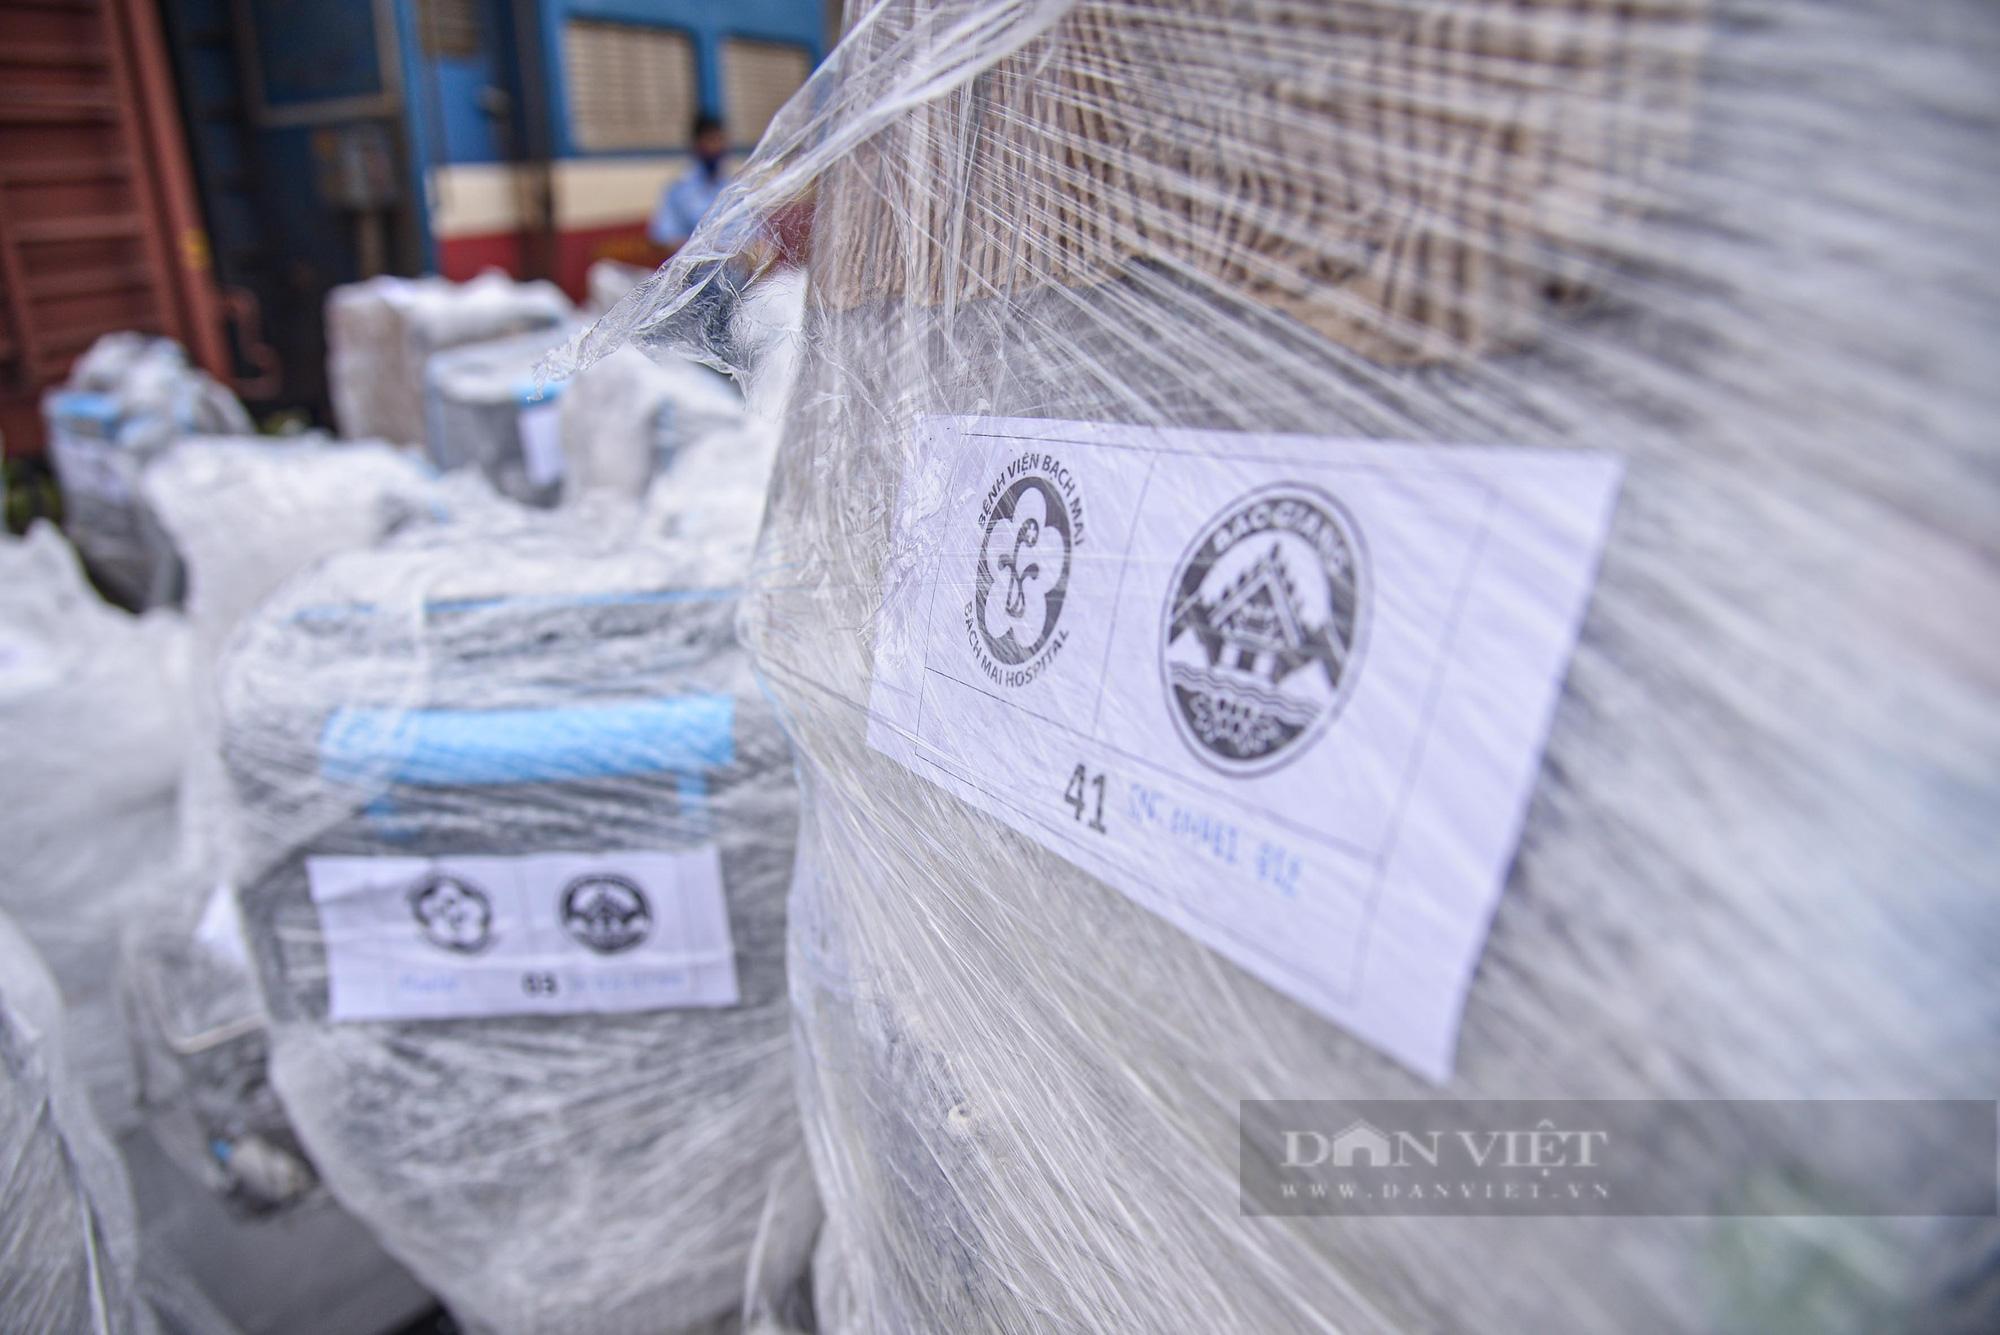 Cận cảnh chuyến tàu đặc biệt chở nhiều trang thiết bị y tế vào hỗ trợ Tp. Hồ Chí Minh  - Ảnh 5.